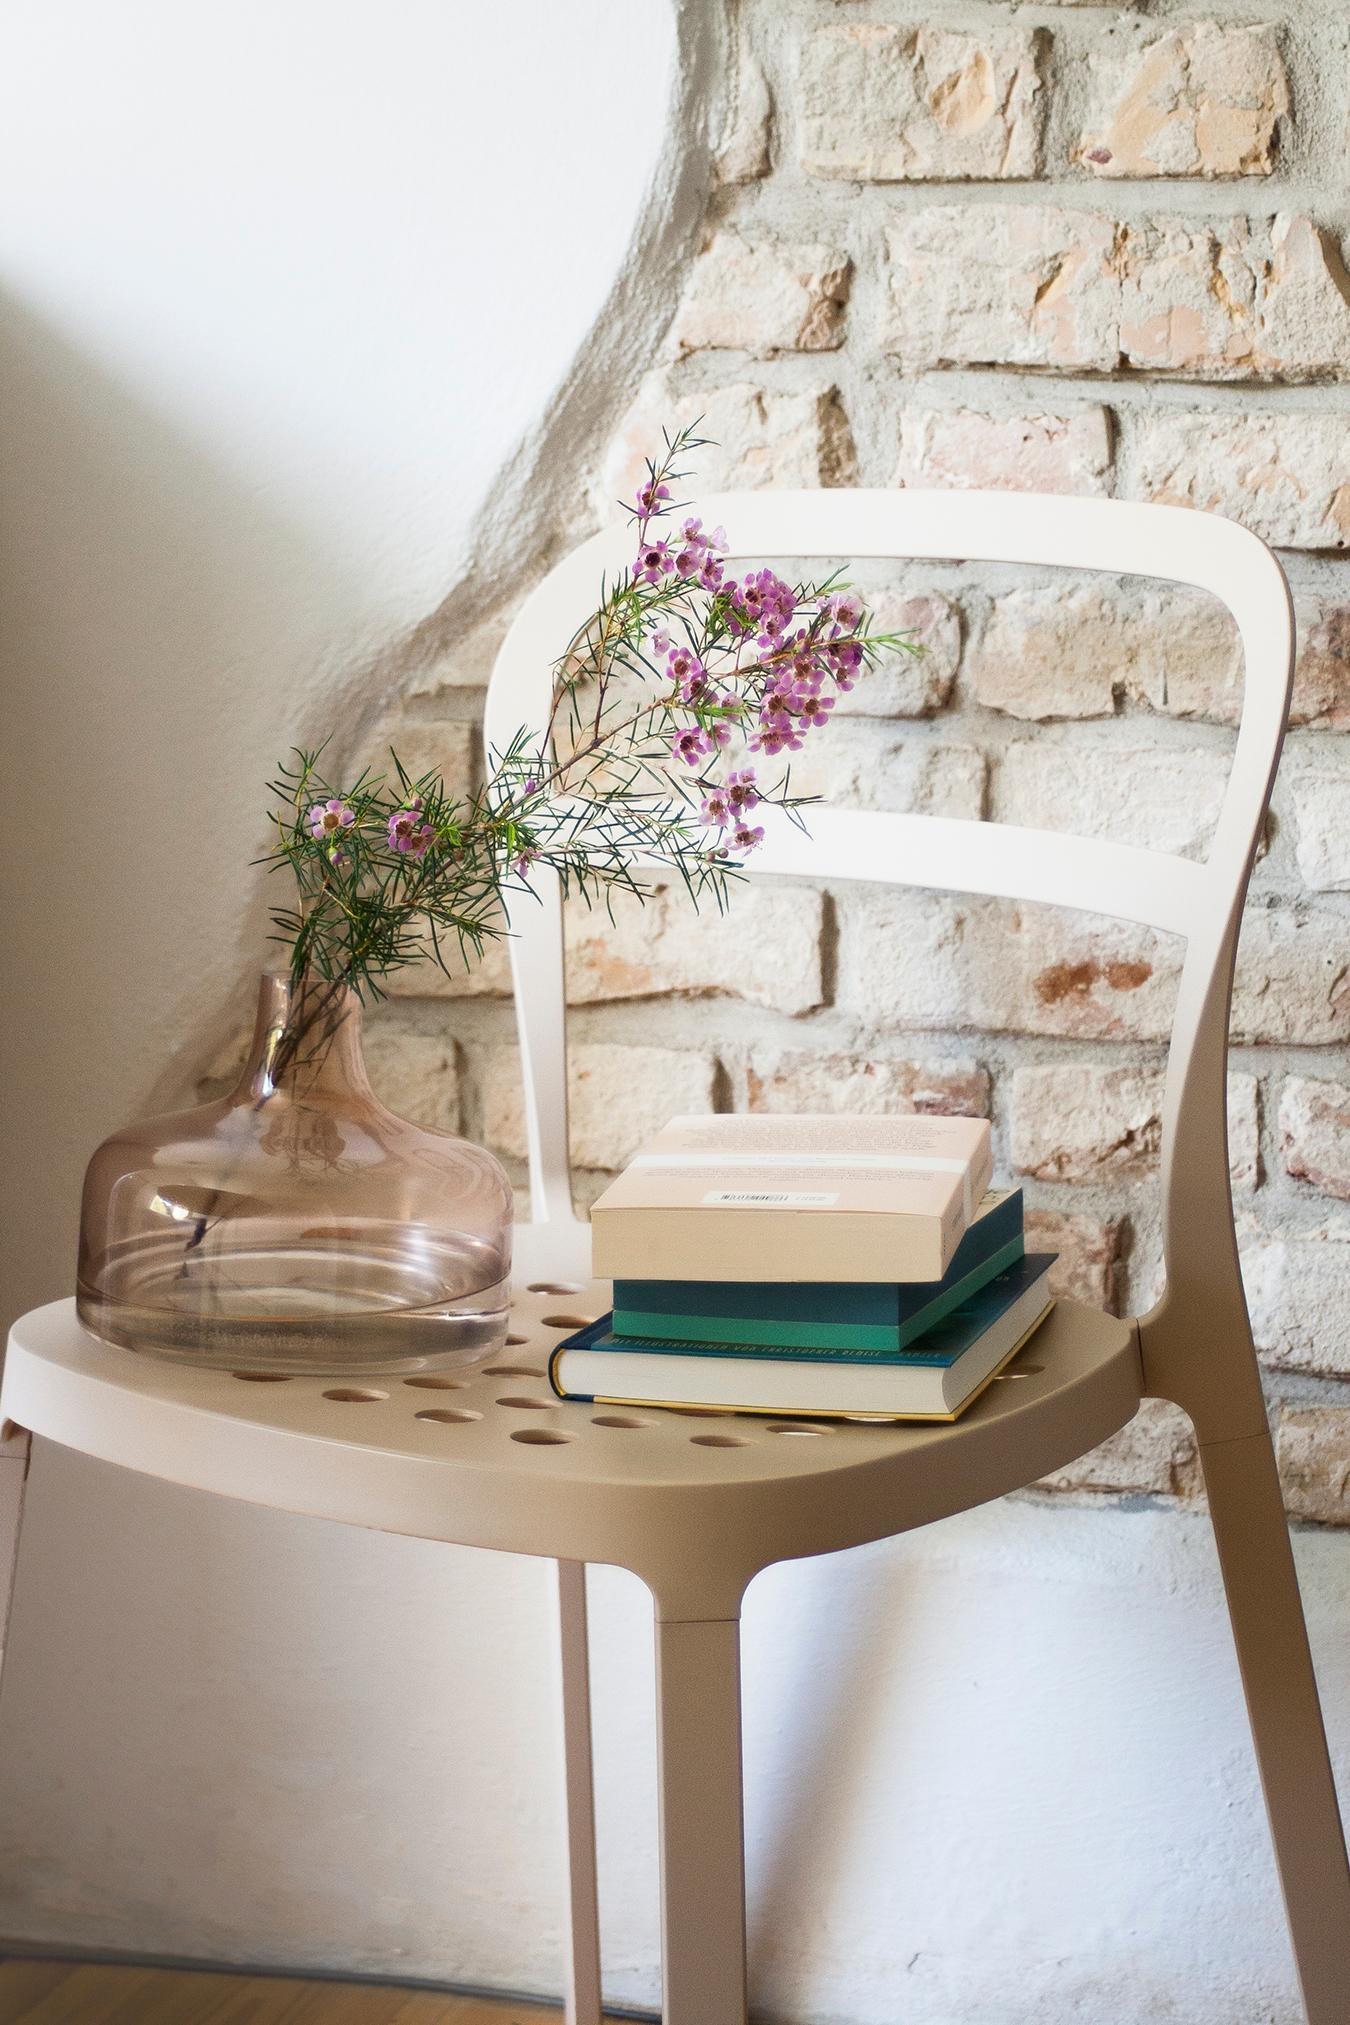 Noch 9 Tage Und Dann Oeffnet Sich Diese Wand Komplett Mauer Buecher Deko  Rosa Bluemchen Vase